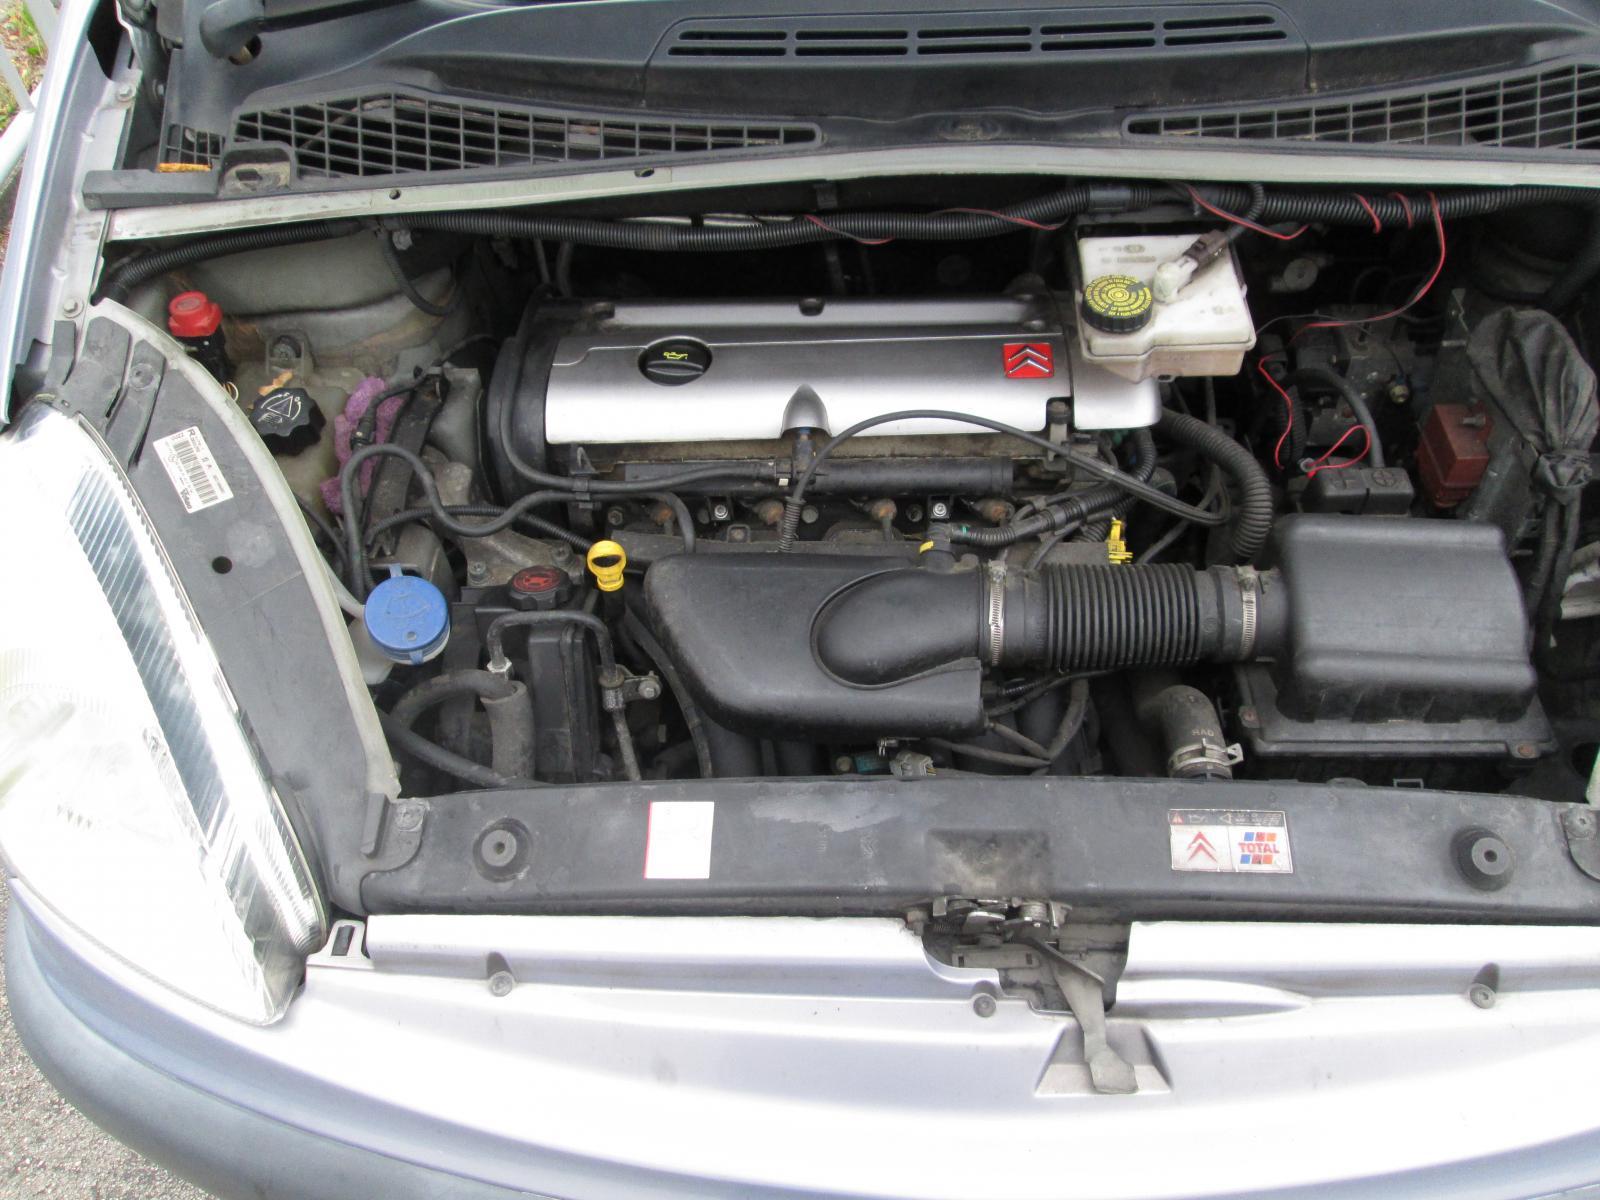 large.Picasso_05_Motor.JPG.45446118575d71a2d9fdb7583e7d5ca0.JPG